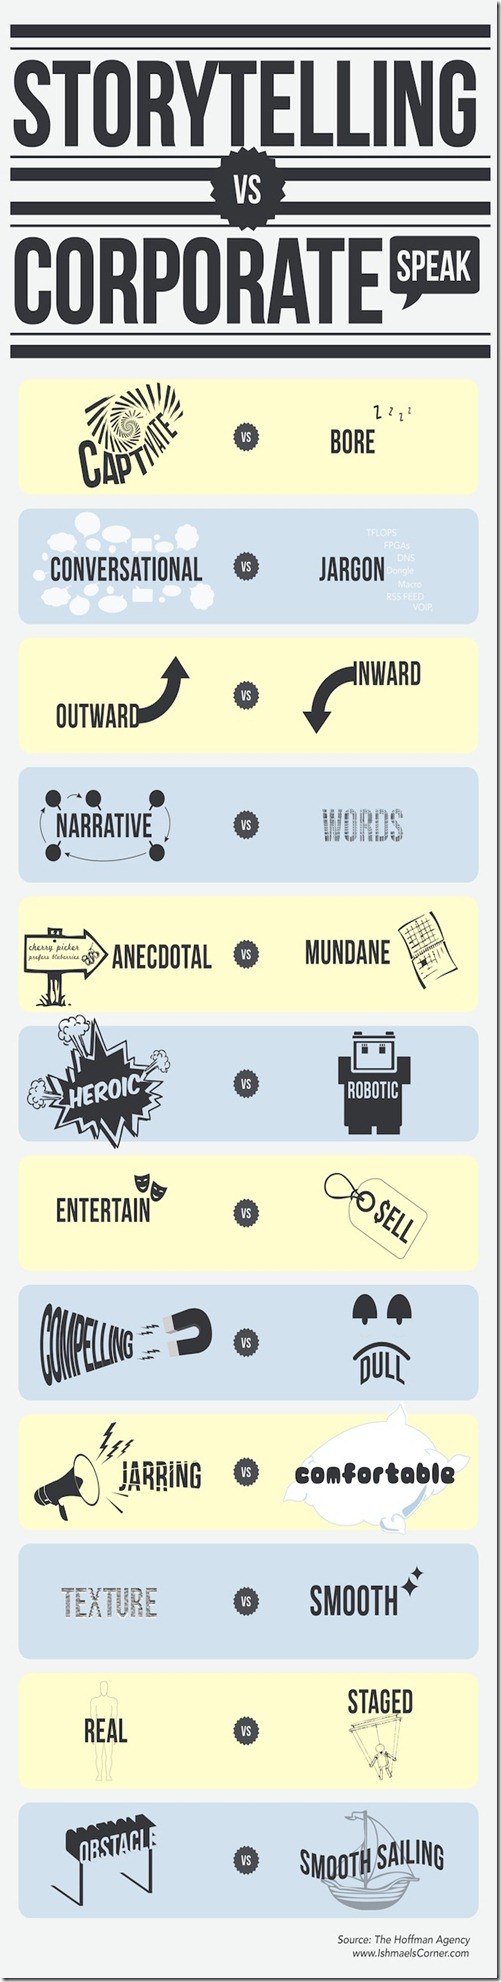 storytelling-vs-corporate-speak-v3